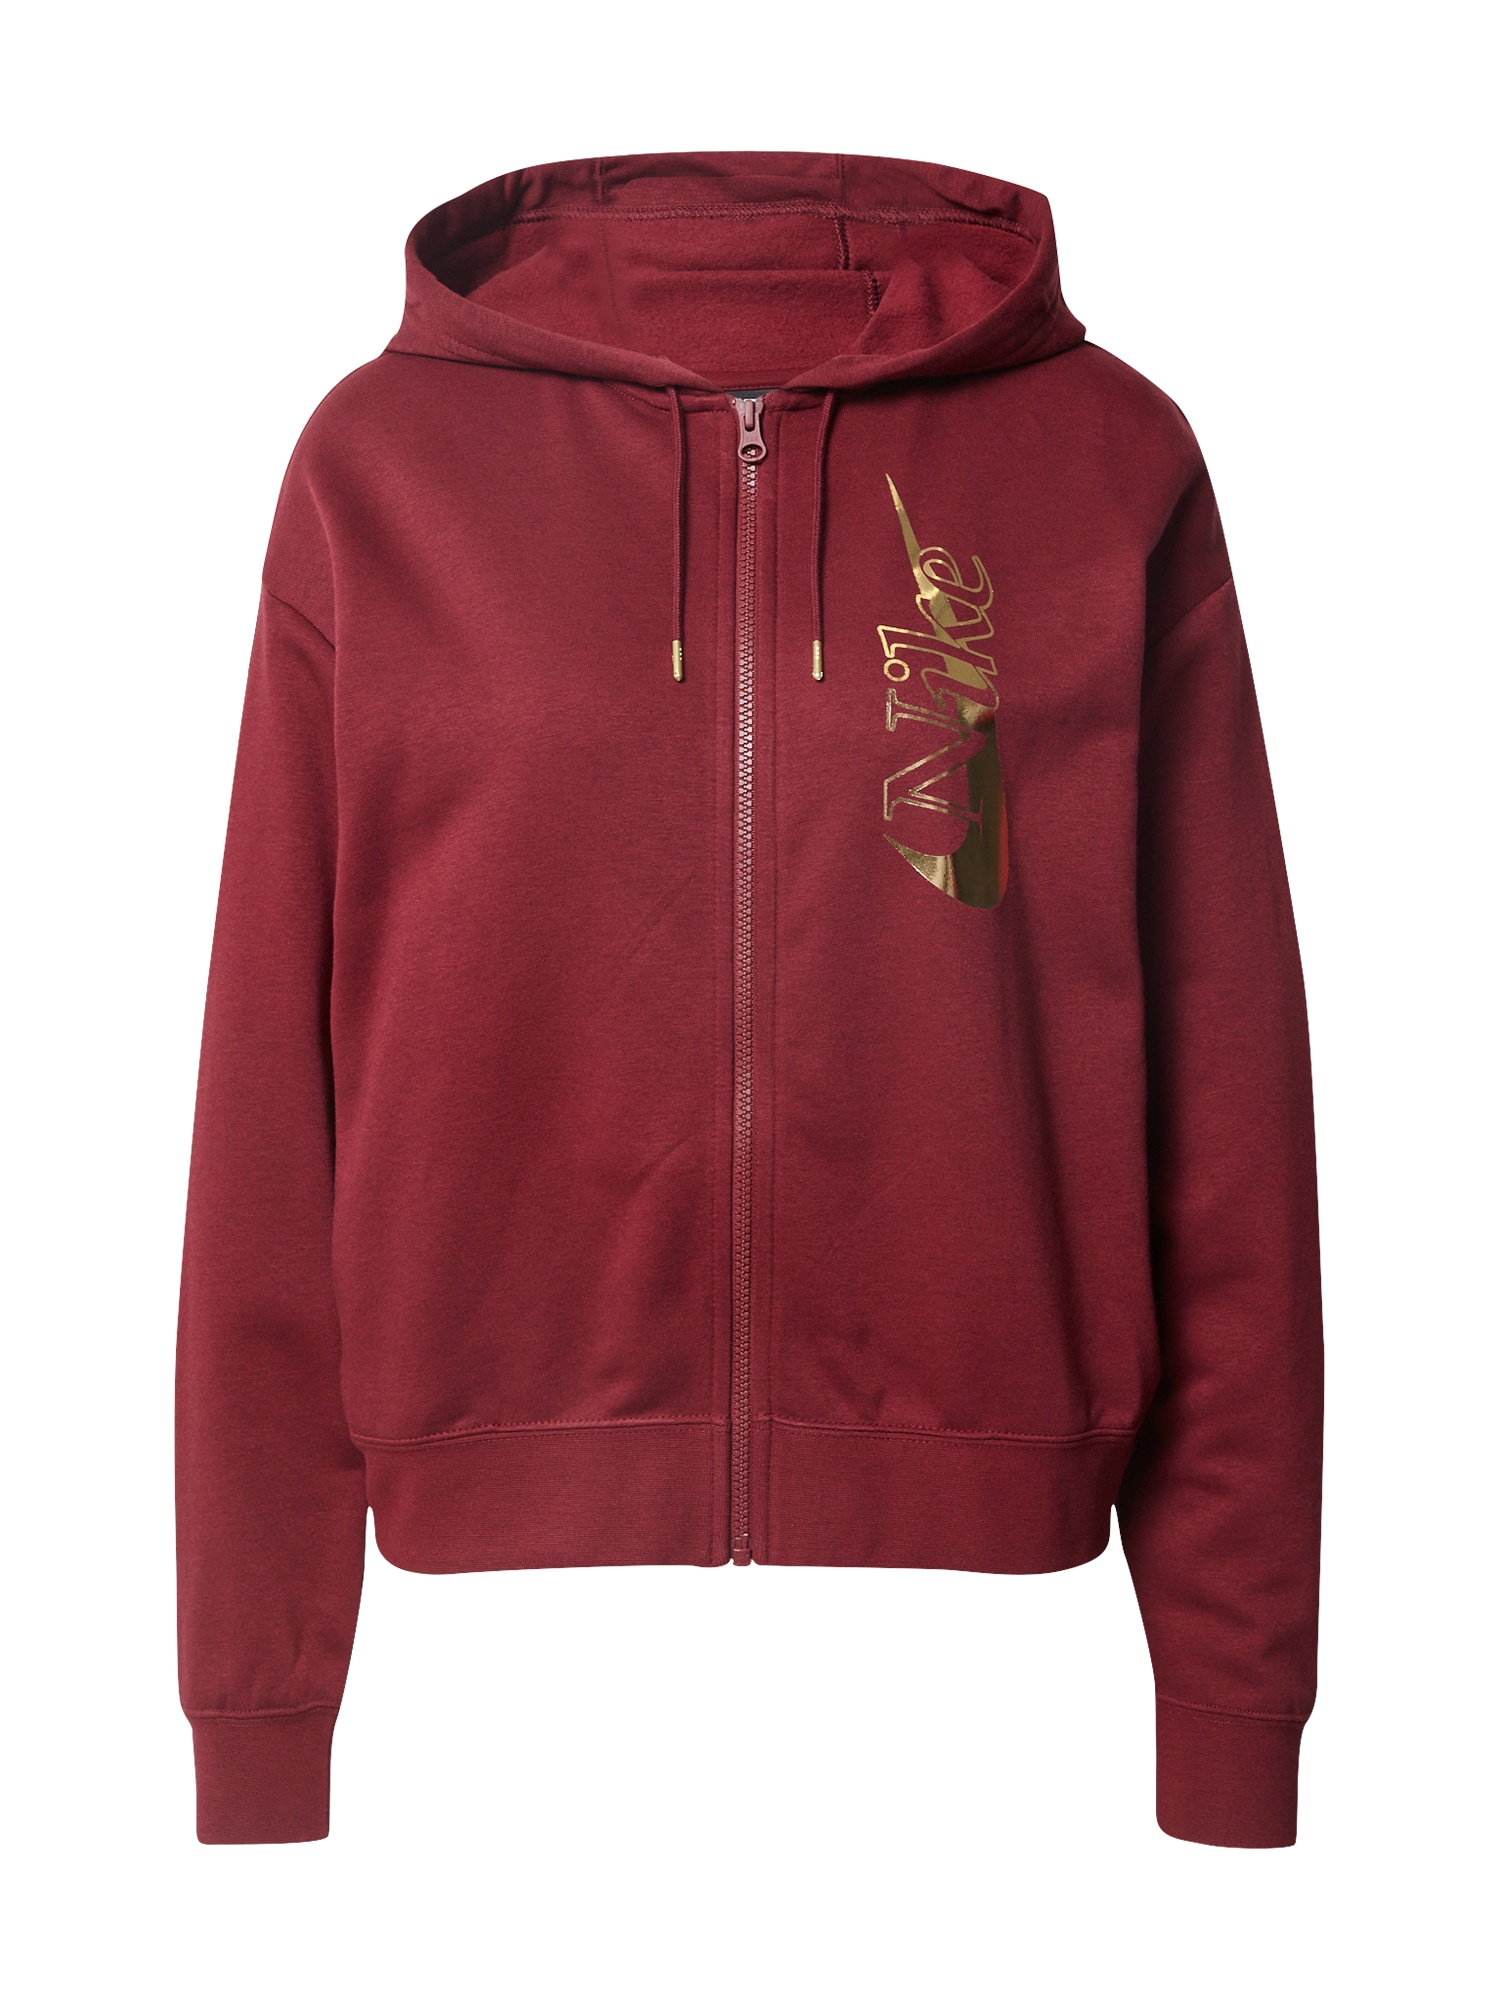 Nike Sportswear Džemperis vyno raudona spalva